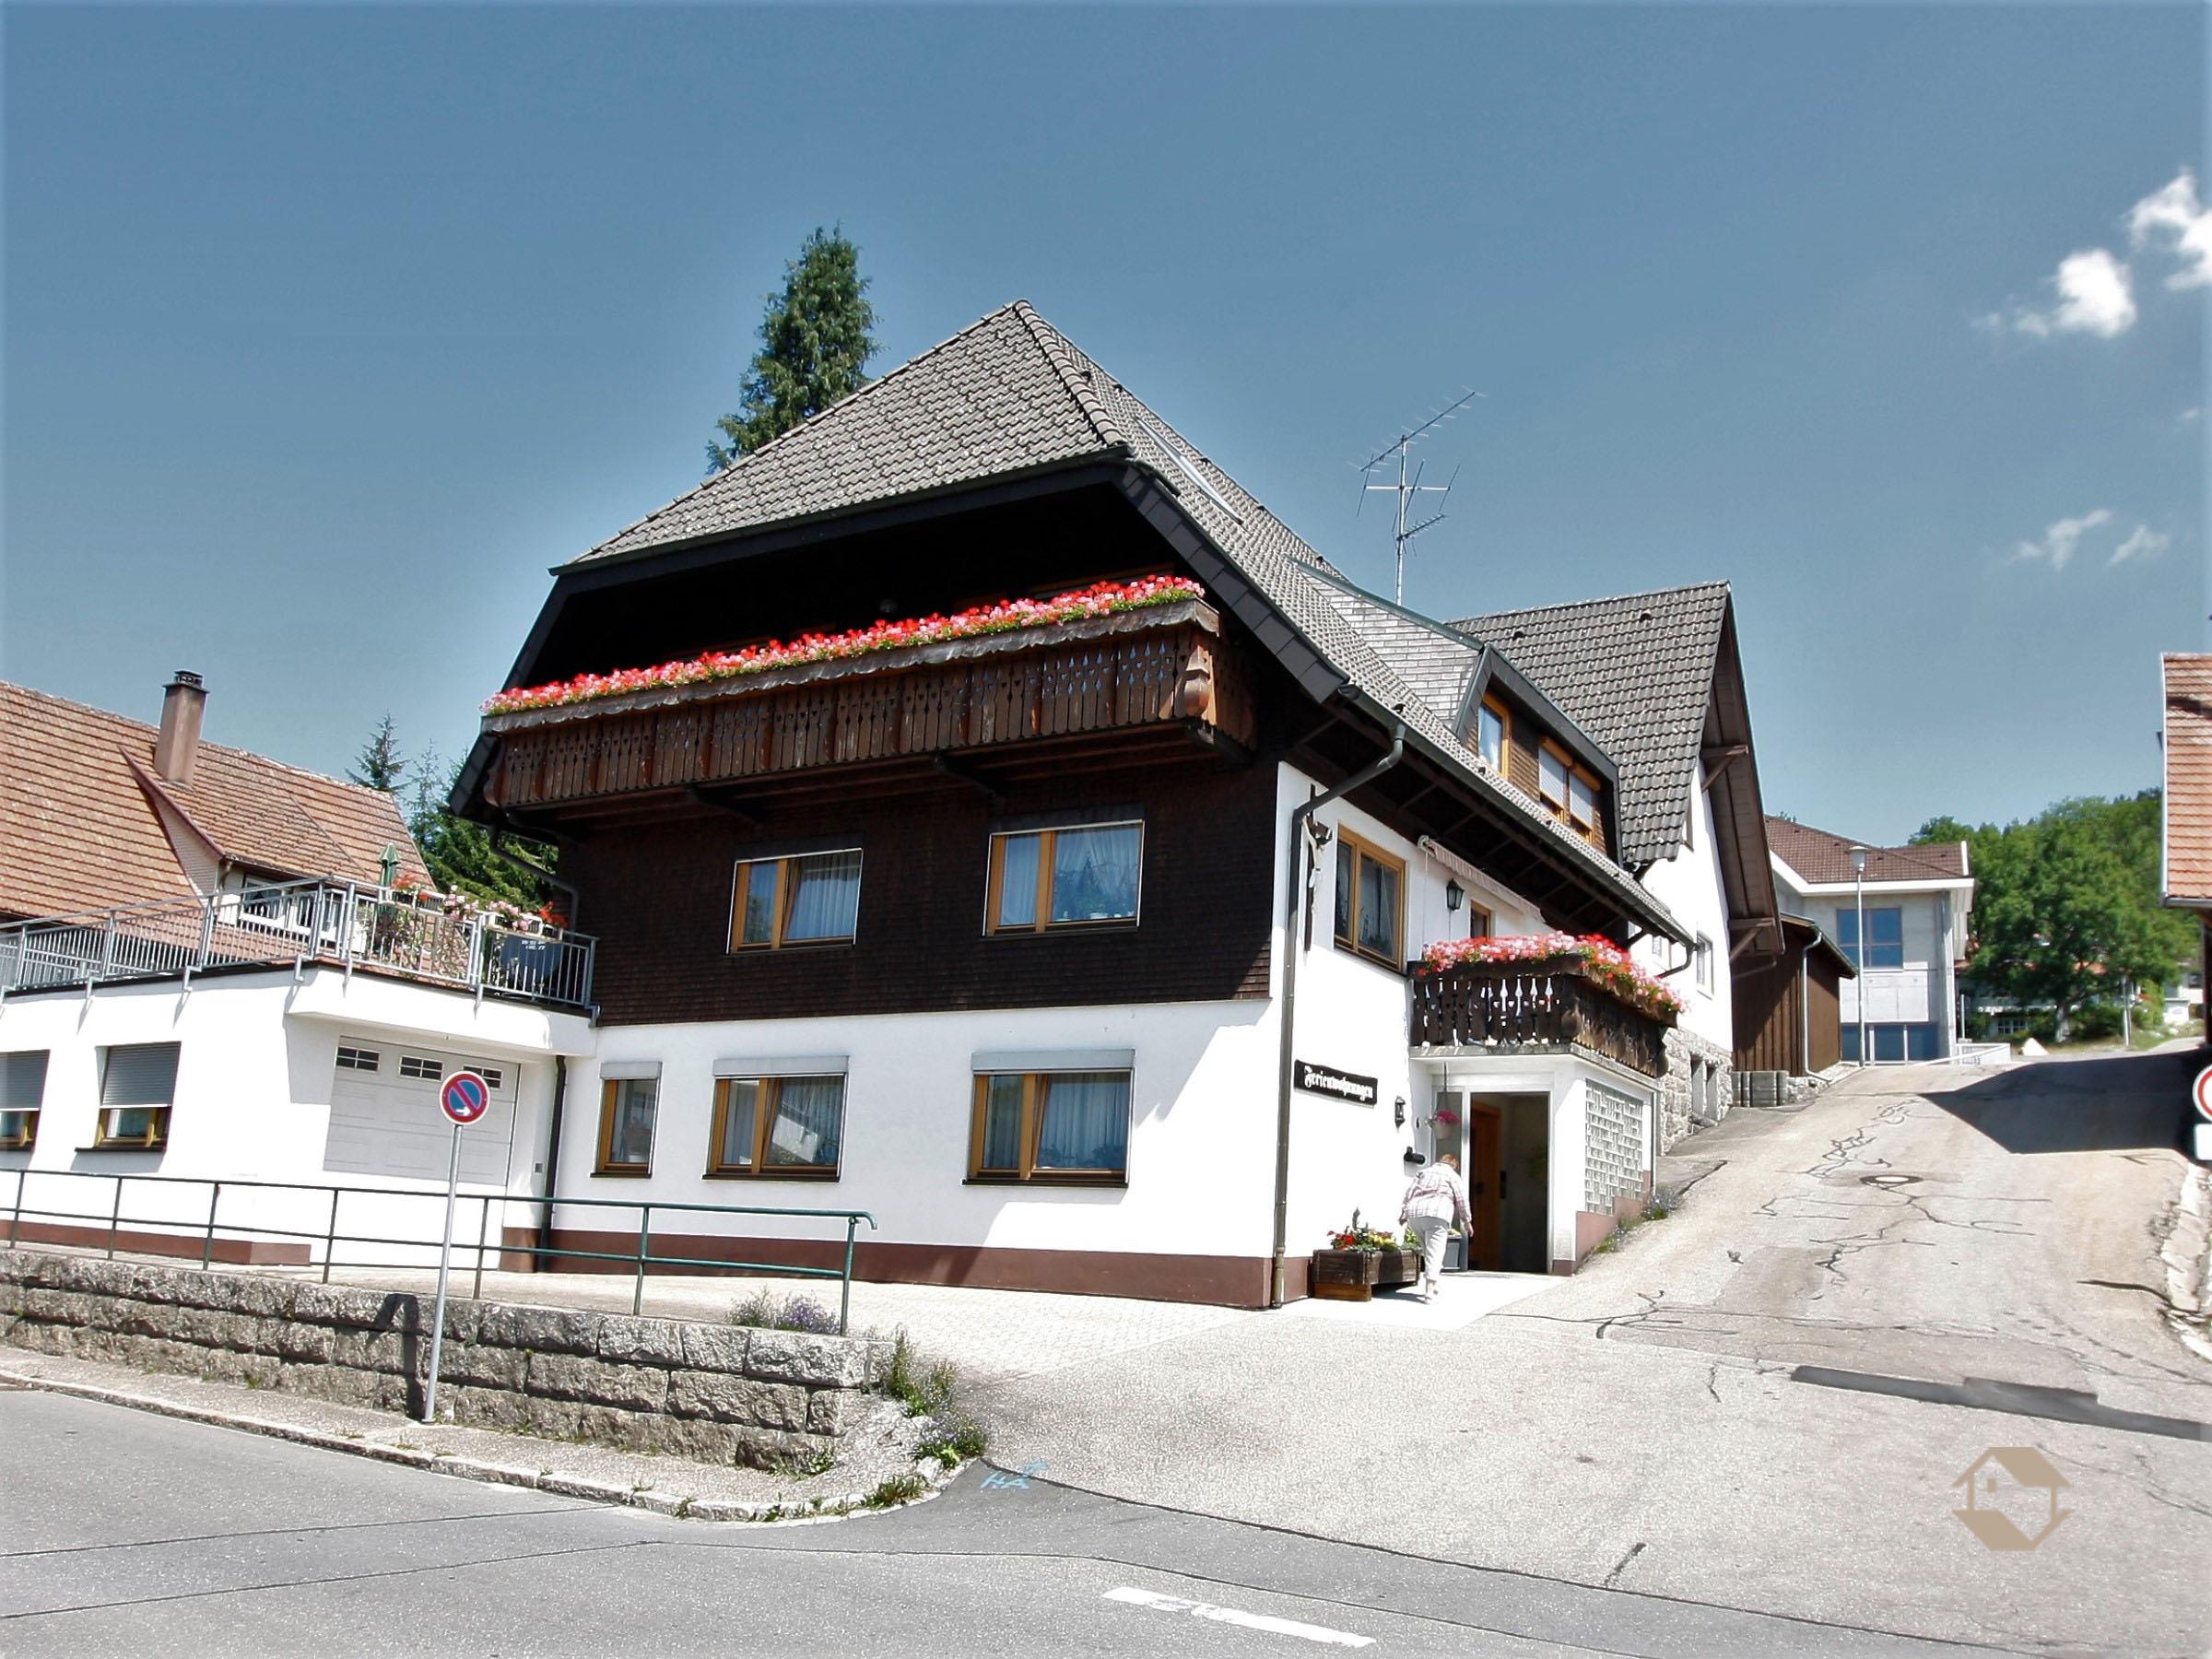 Holiday apartment Beyermann, (Schonach). Ferienwohnung 1, 70qm, 2 Wohn-/Schlafräume, max. 5 Personen (1764474), Schonach, Black Forest, Baden-Württemberg, Germany, picture 4